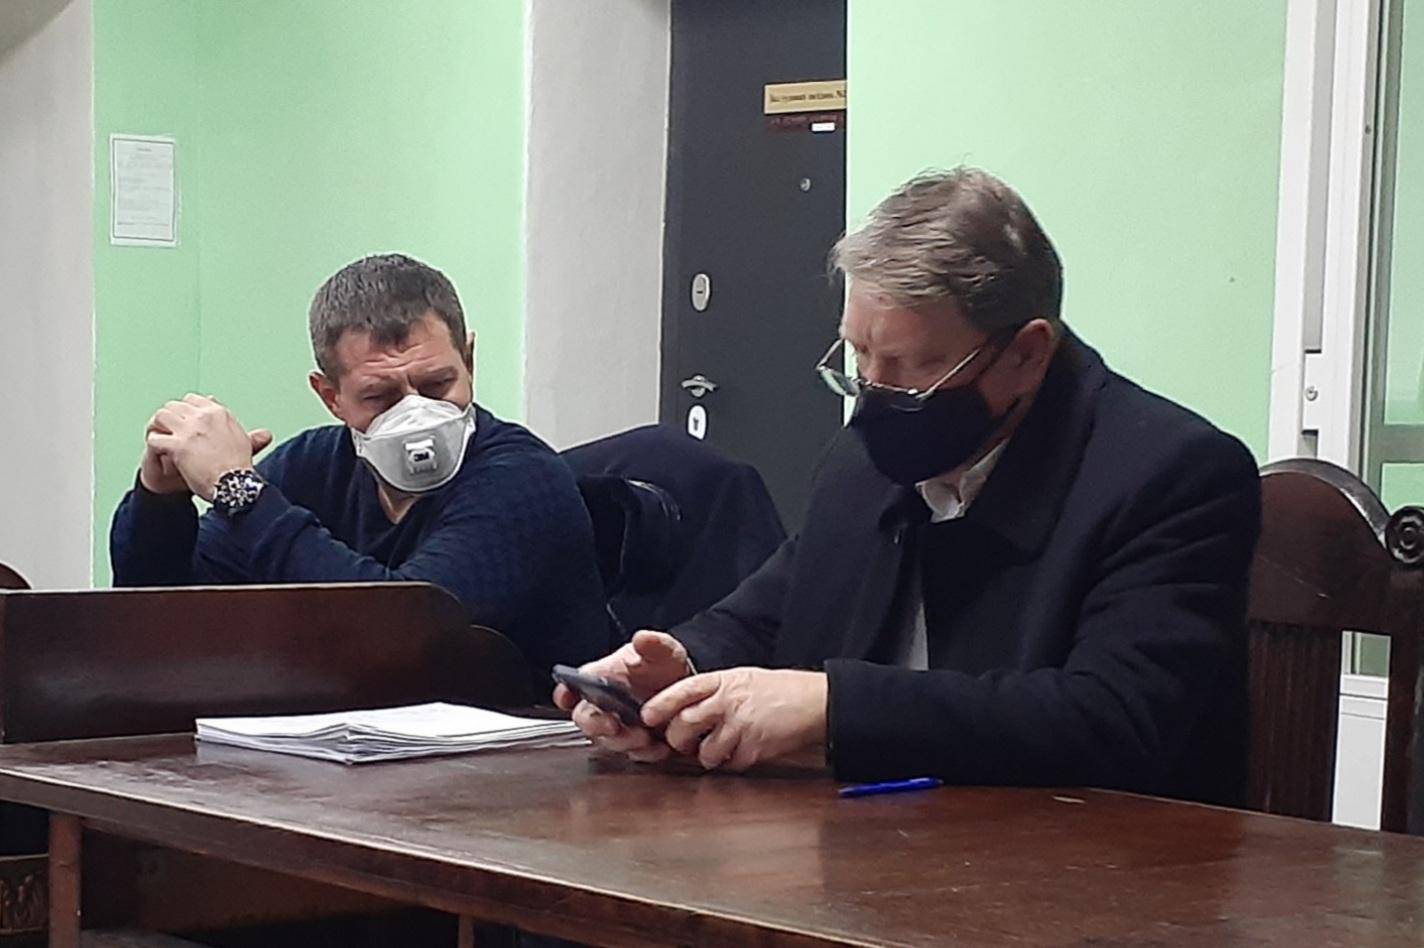 Прокурори без подання підстав не прийшли у суд, що розглядає справу по обвинуваченню екс-депутата Олега Авер'янова у крадіжці авто (ВІДЕО)